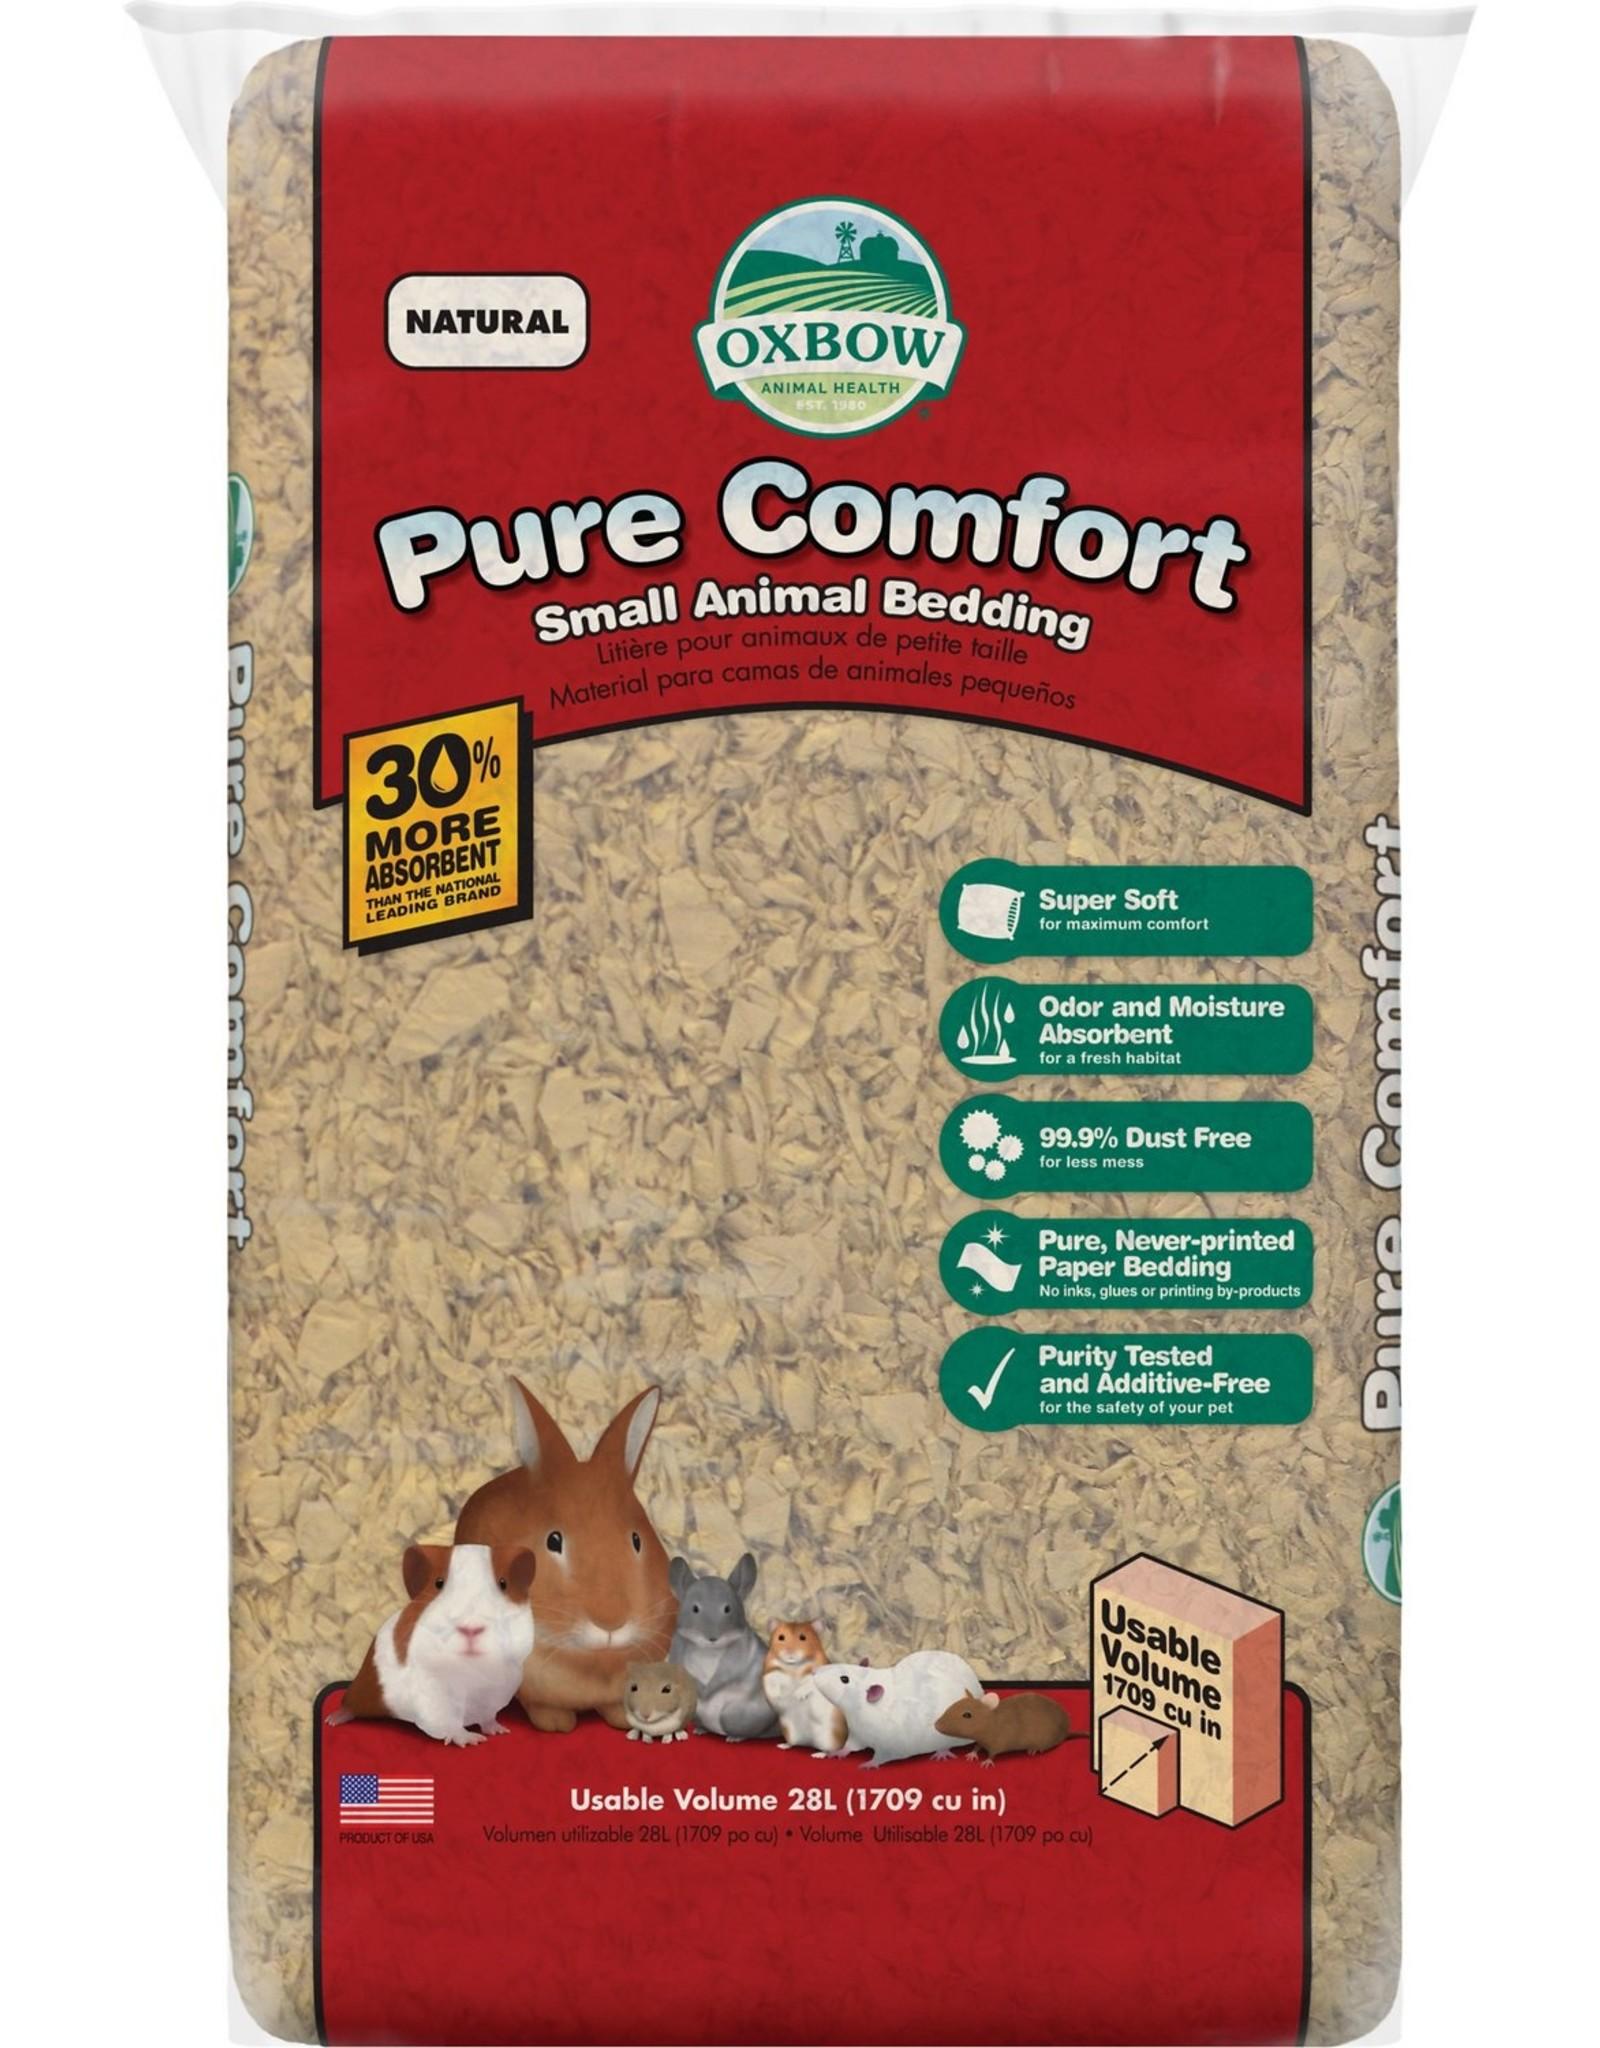 Oxbow Animal Health OXBOW NATURAL PURE COMFORT SMALL ANIMAL BEDDING